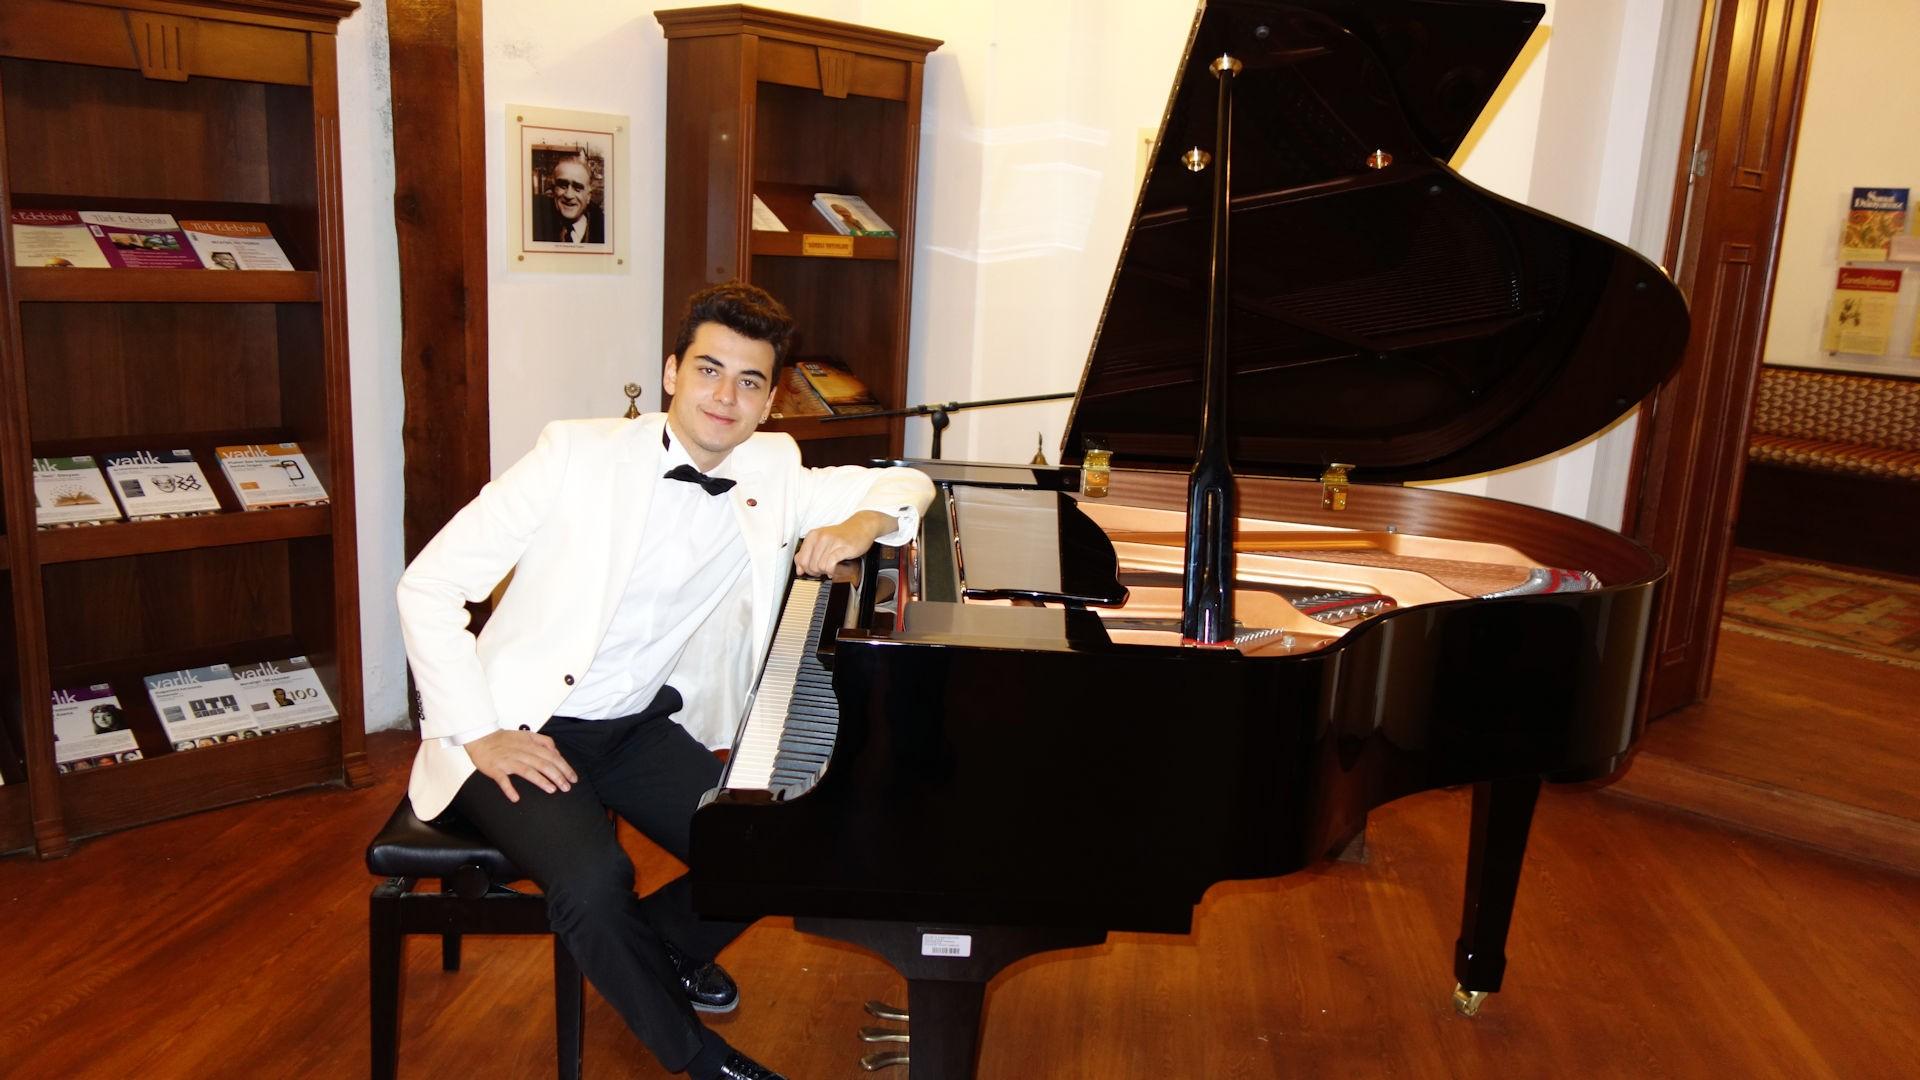 Genç Piyanist Güneş Yakartepe Ailem Son 5 Yıl Konserleri Etkinlikleri Listesi 2016 2017 Piyano Müzikleri Dinleti PiyanoTürk Son